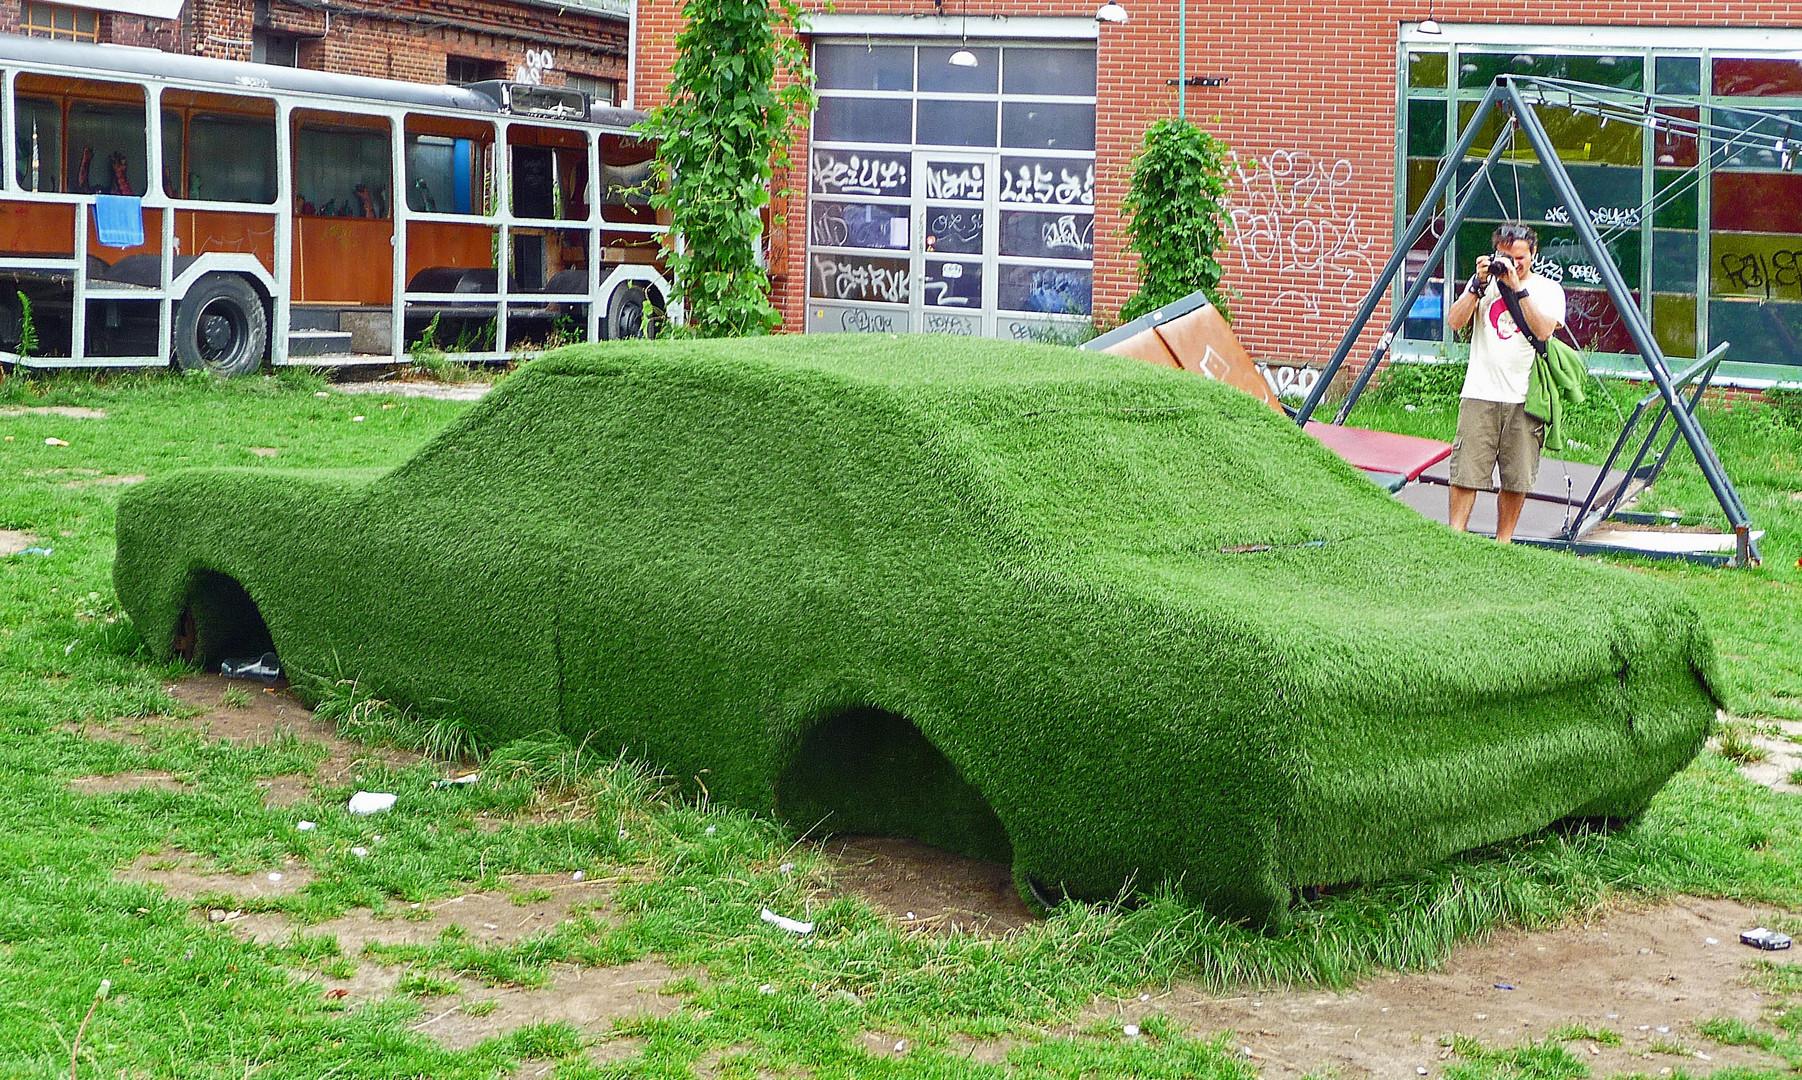 Gras über die Sache wachsen lassen